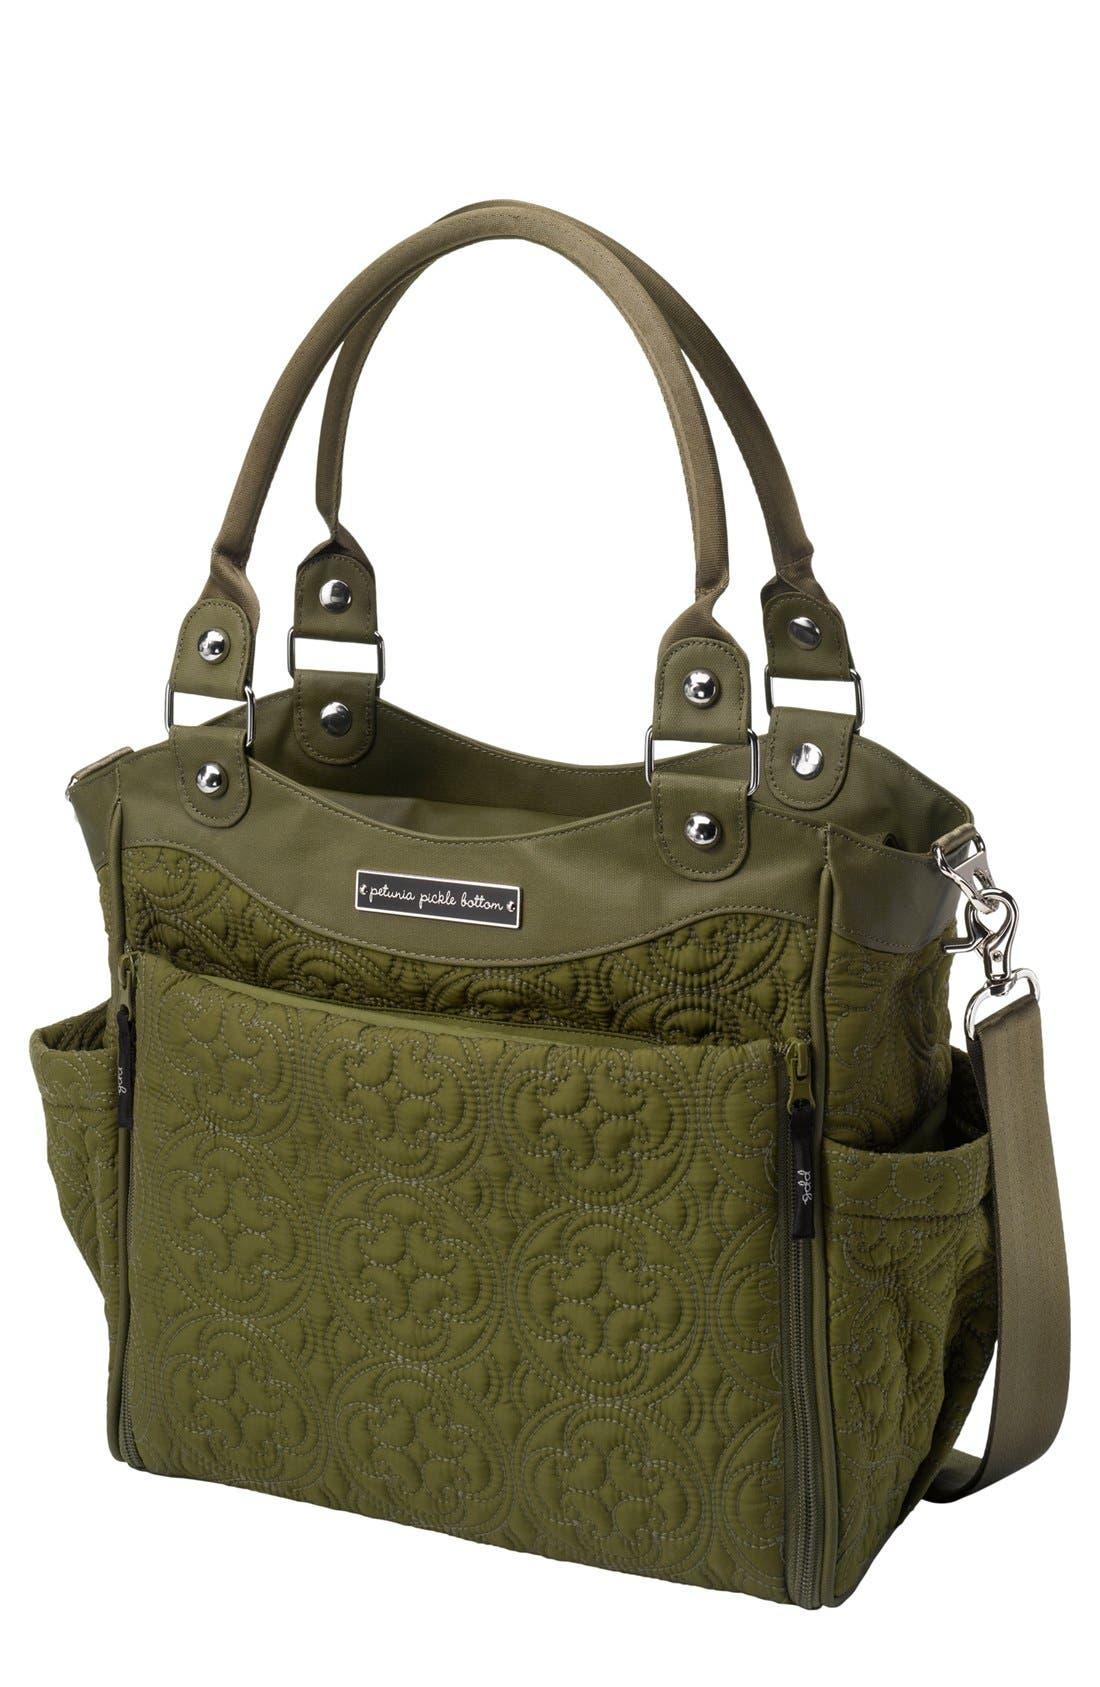 Main Image - Petunia Pickle Bottom 'City Carryall' Embossed Diaper Bag